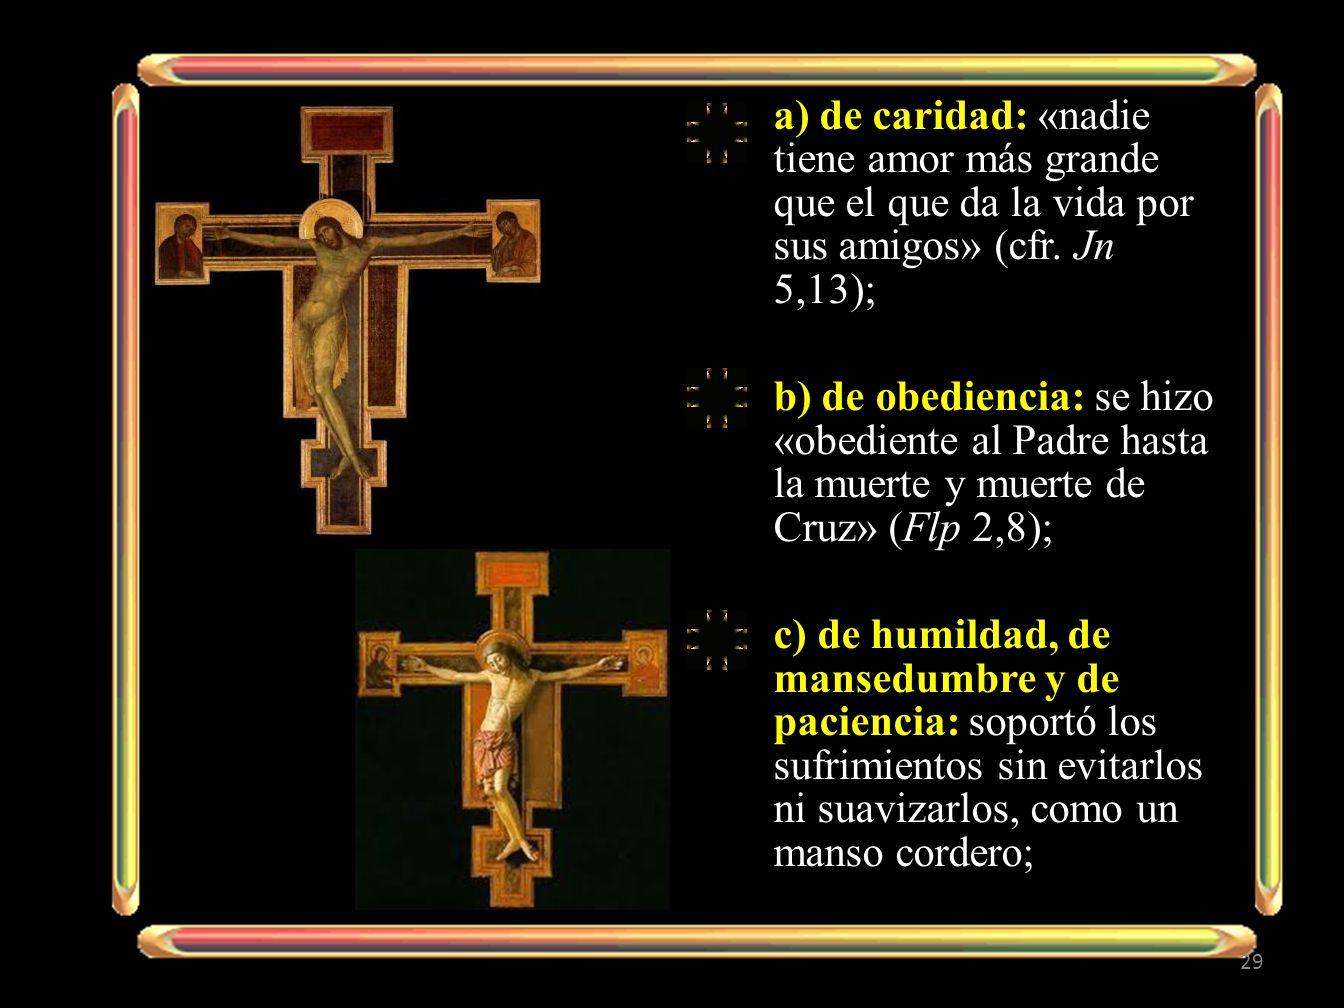 a) de caridad: «nadie tiene amor más grande que el que da la vida por sus amigos» (cfr. Jn 5,13); b) de obediencia: se hizo «obediente al Padre hasta